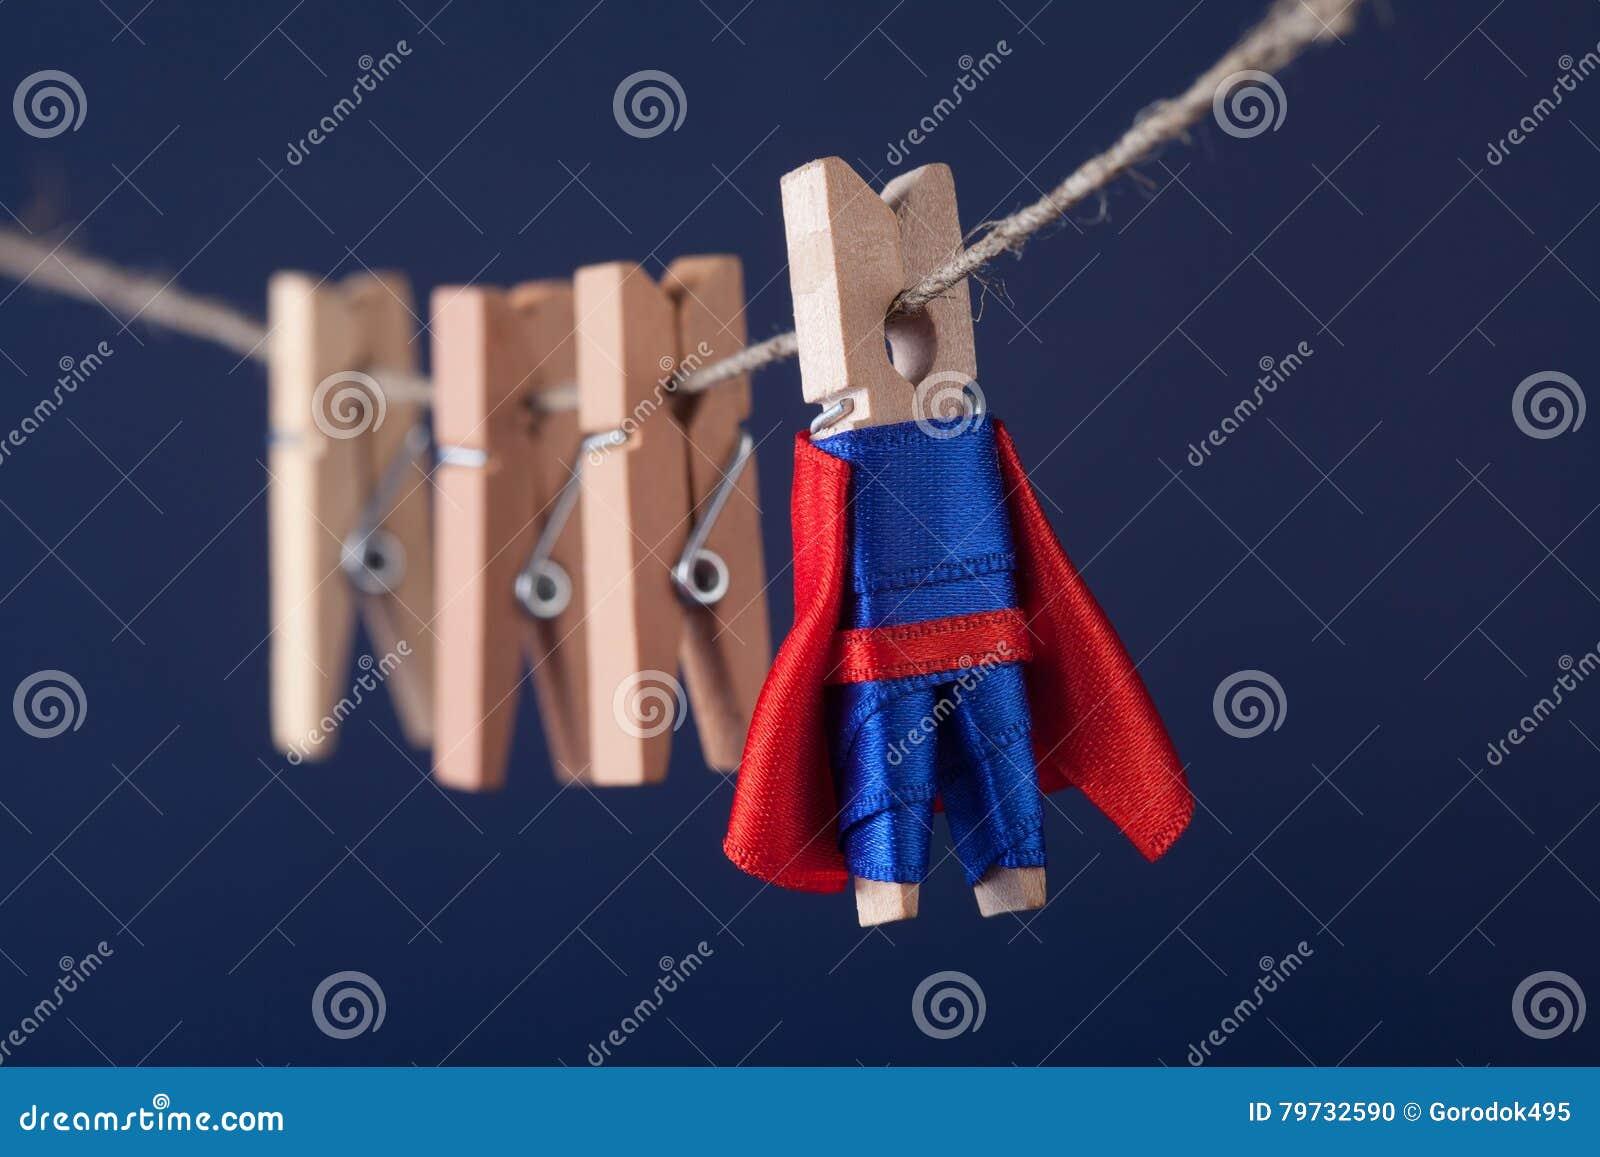 Carácter potente de la clavija de la superestrella en cabo azul del rojo del traje dirección y equipo de madera de las pinzas en